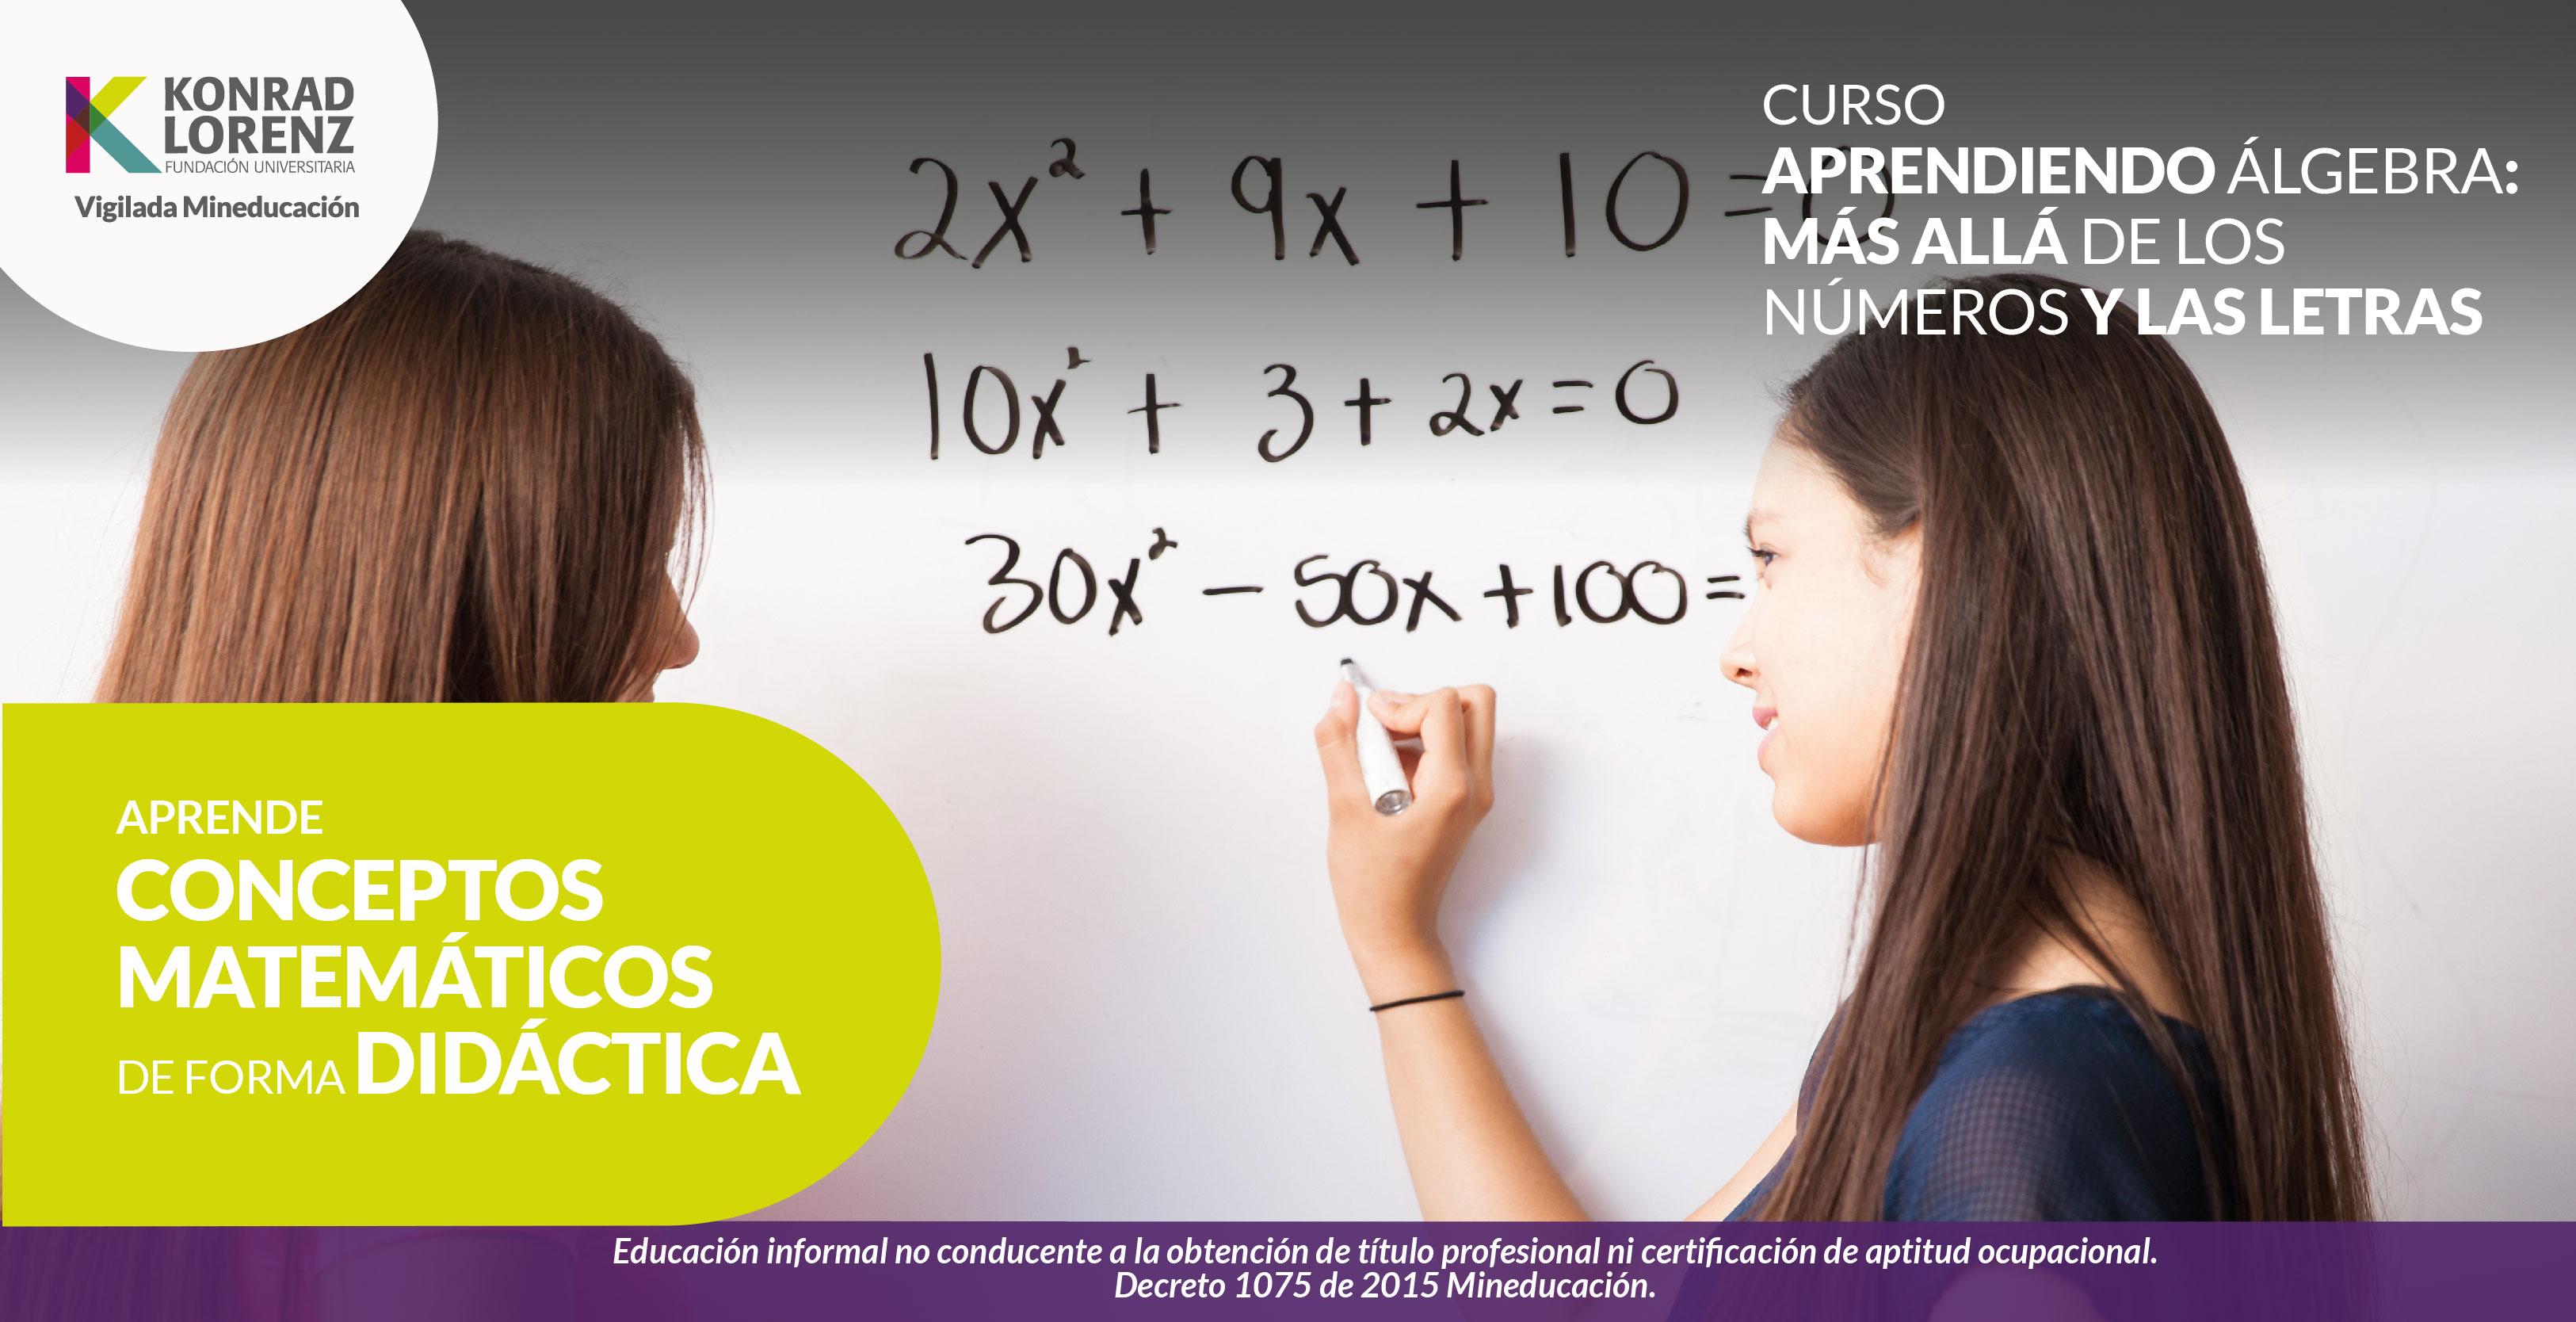 Aprendiendo álgebra: Más allá de los números y las letras